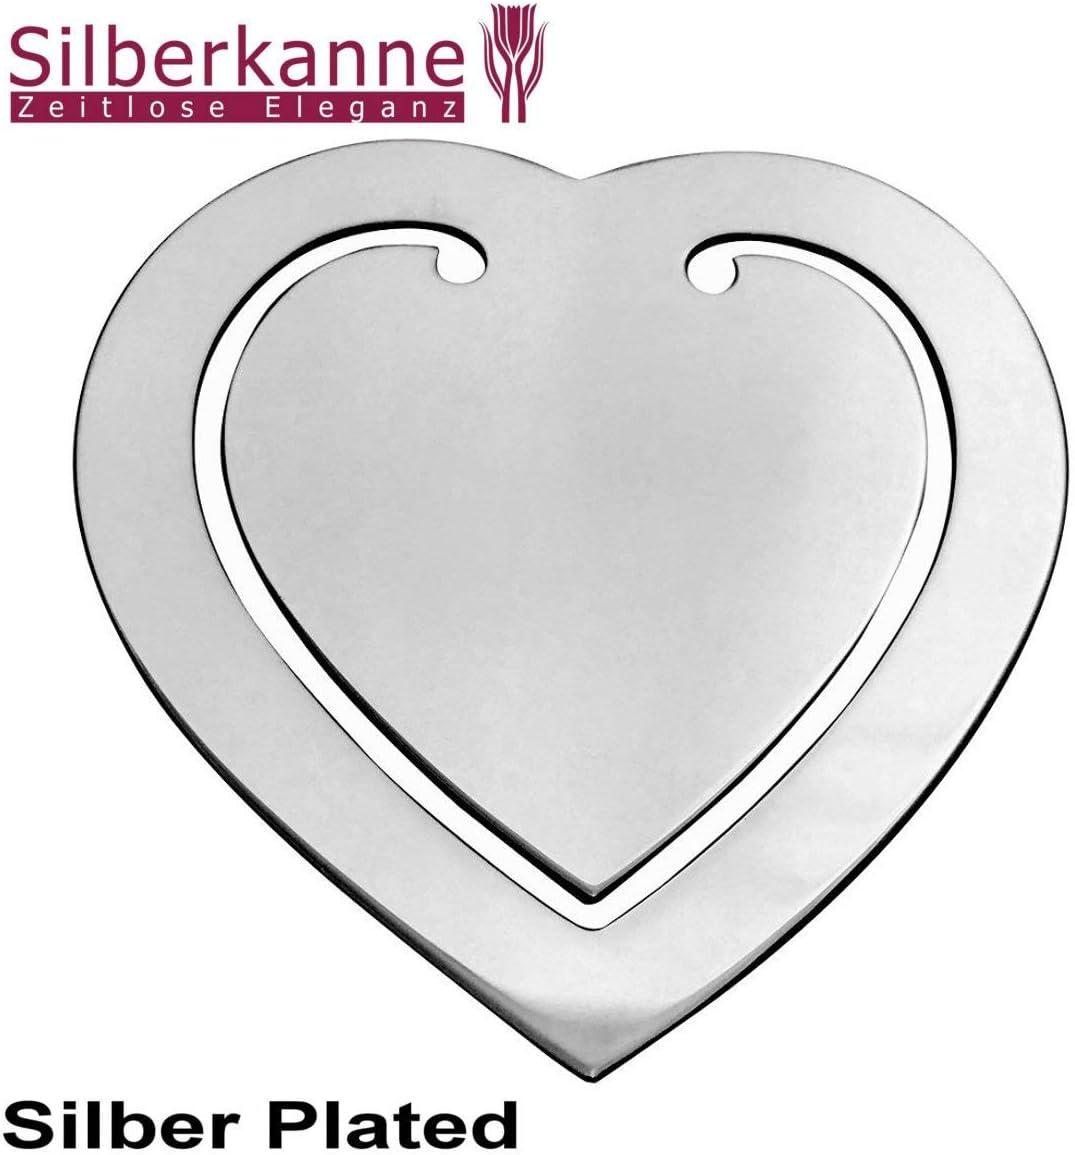 6,5 x 5,5 cm Silberkanne Marcap/áginas con Forma de coraz/ón Plateado